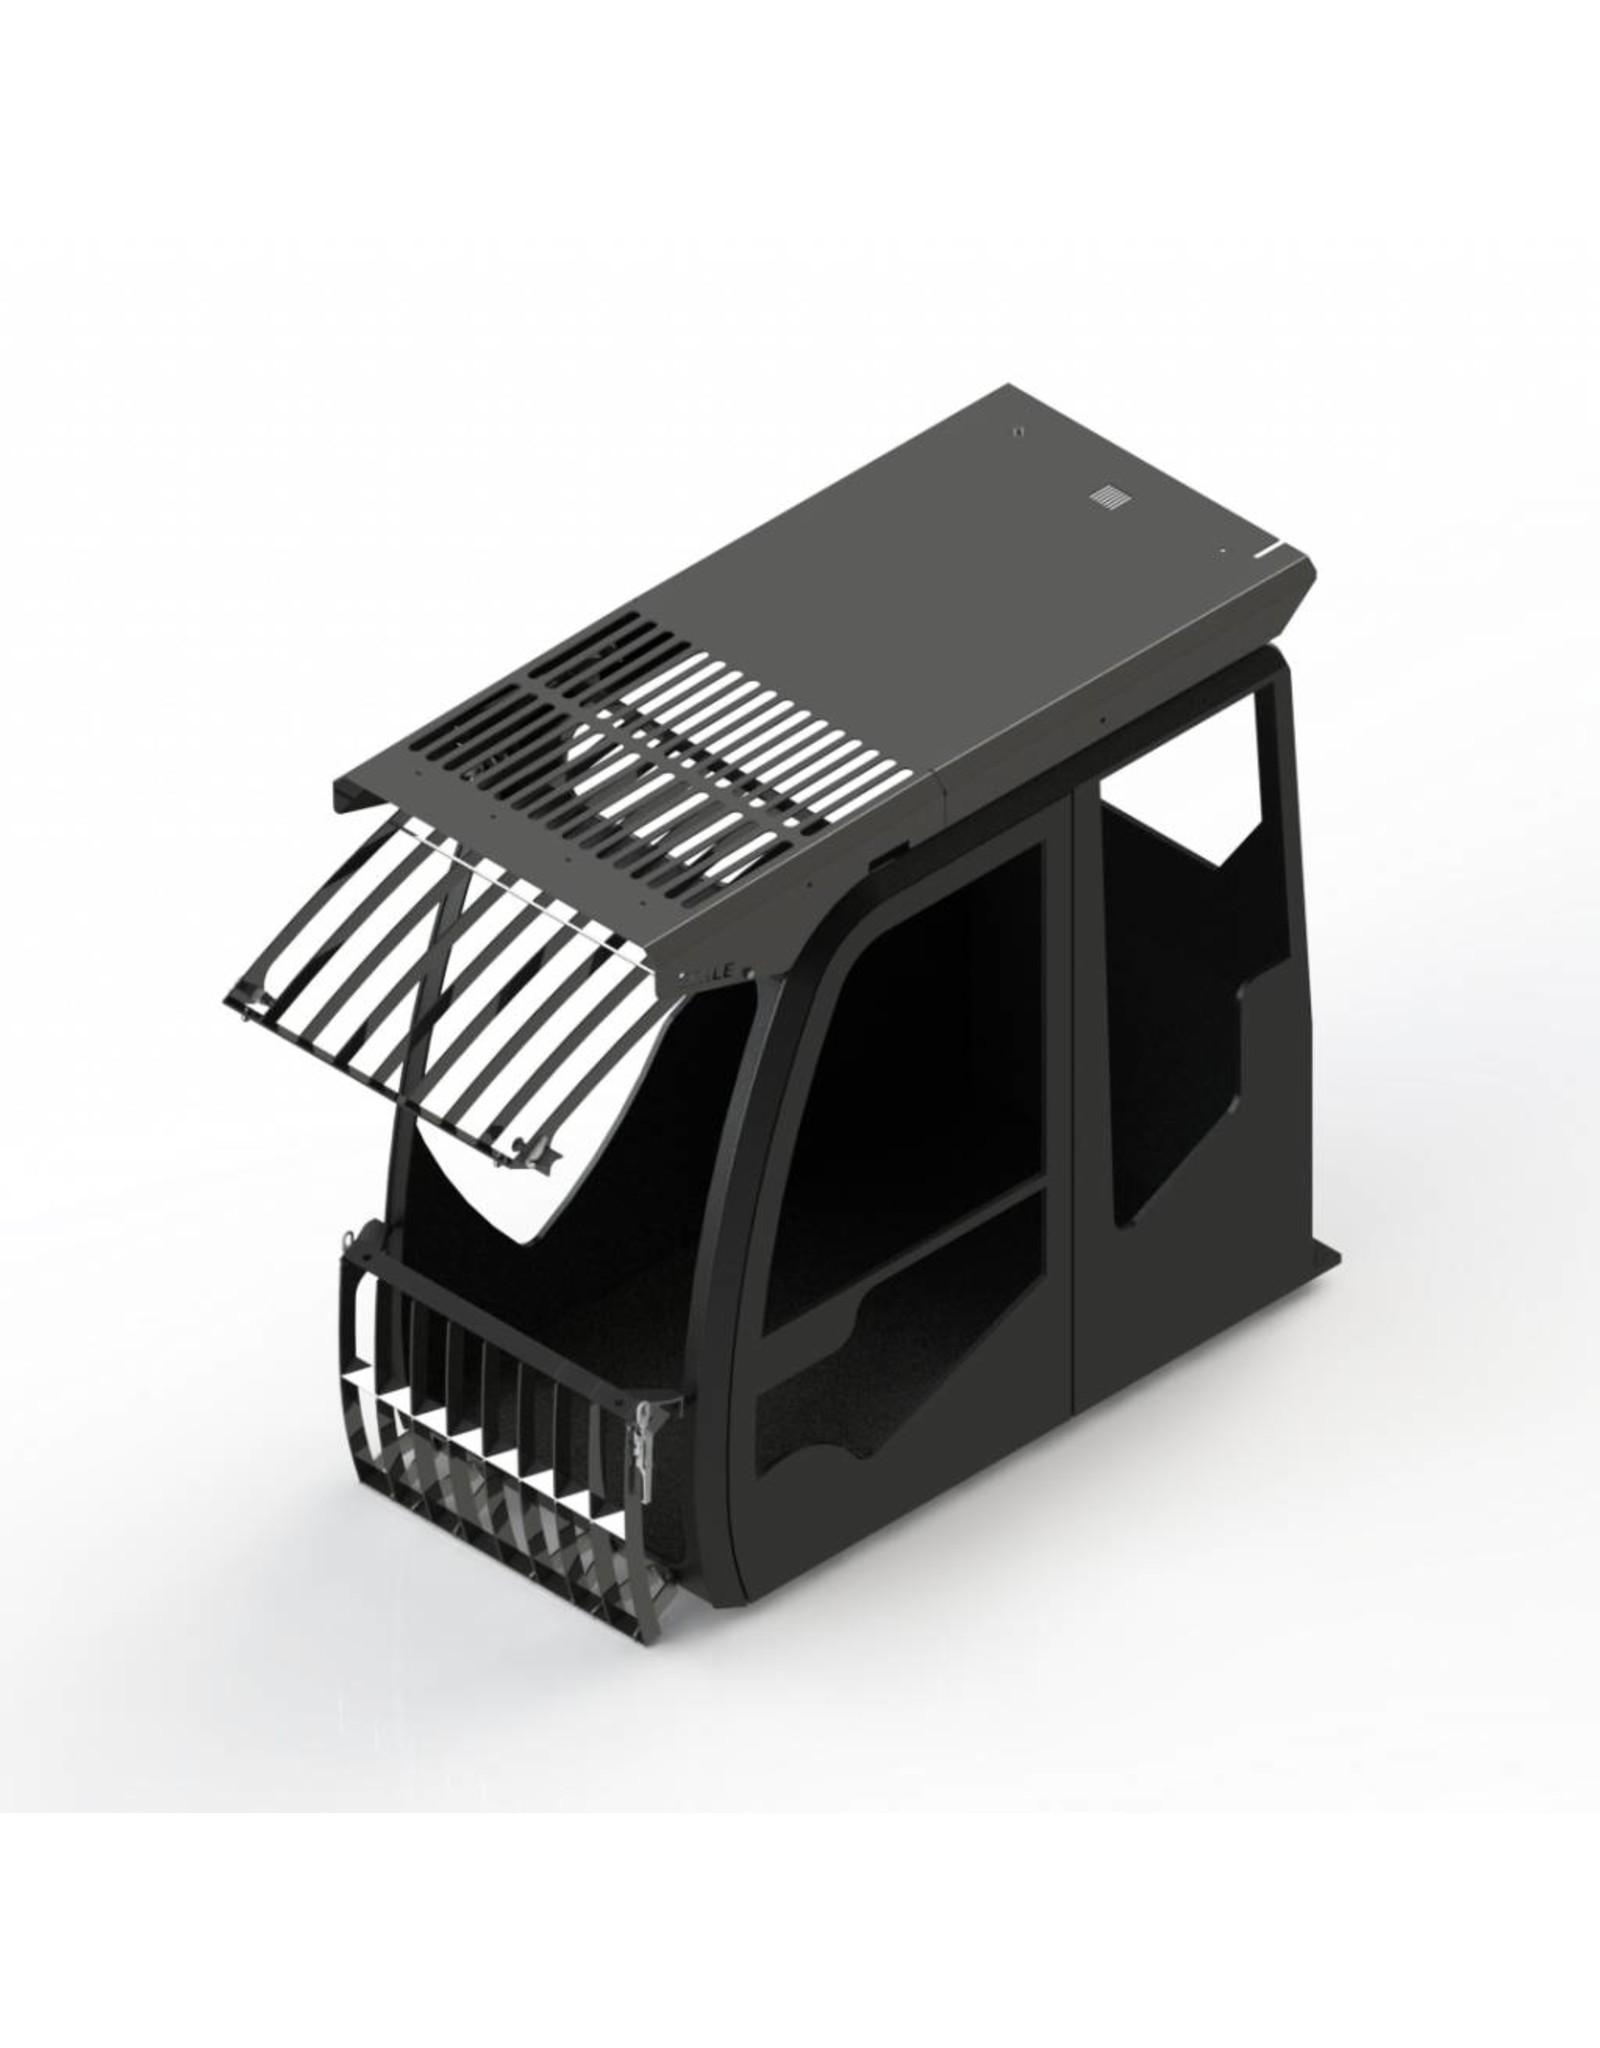 Echle Hartstahl GmbH FOPS für Doosan DX160W-5